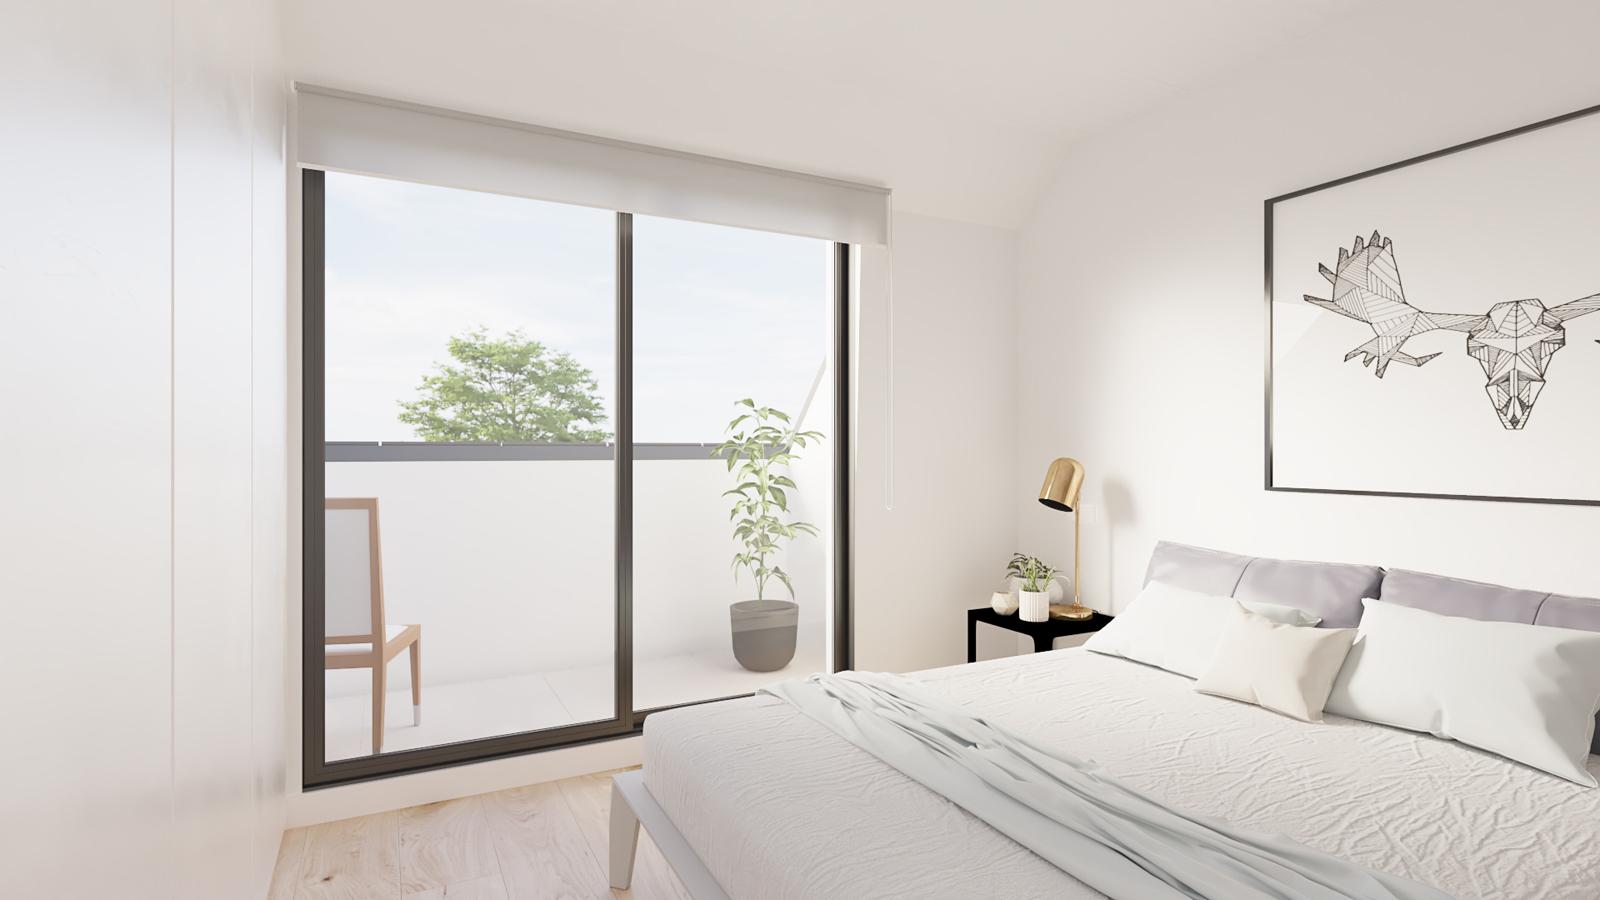 Edificio Tahona Design situado en Pozuelo de Alarcón